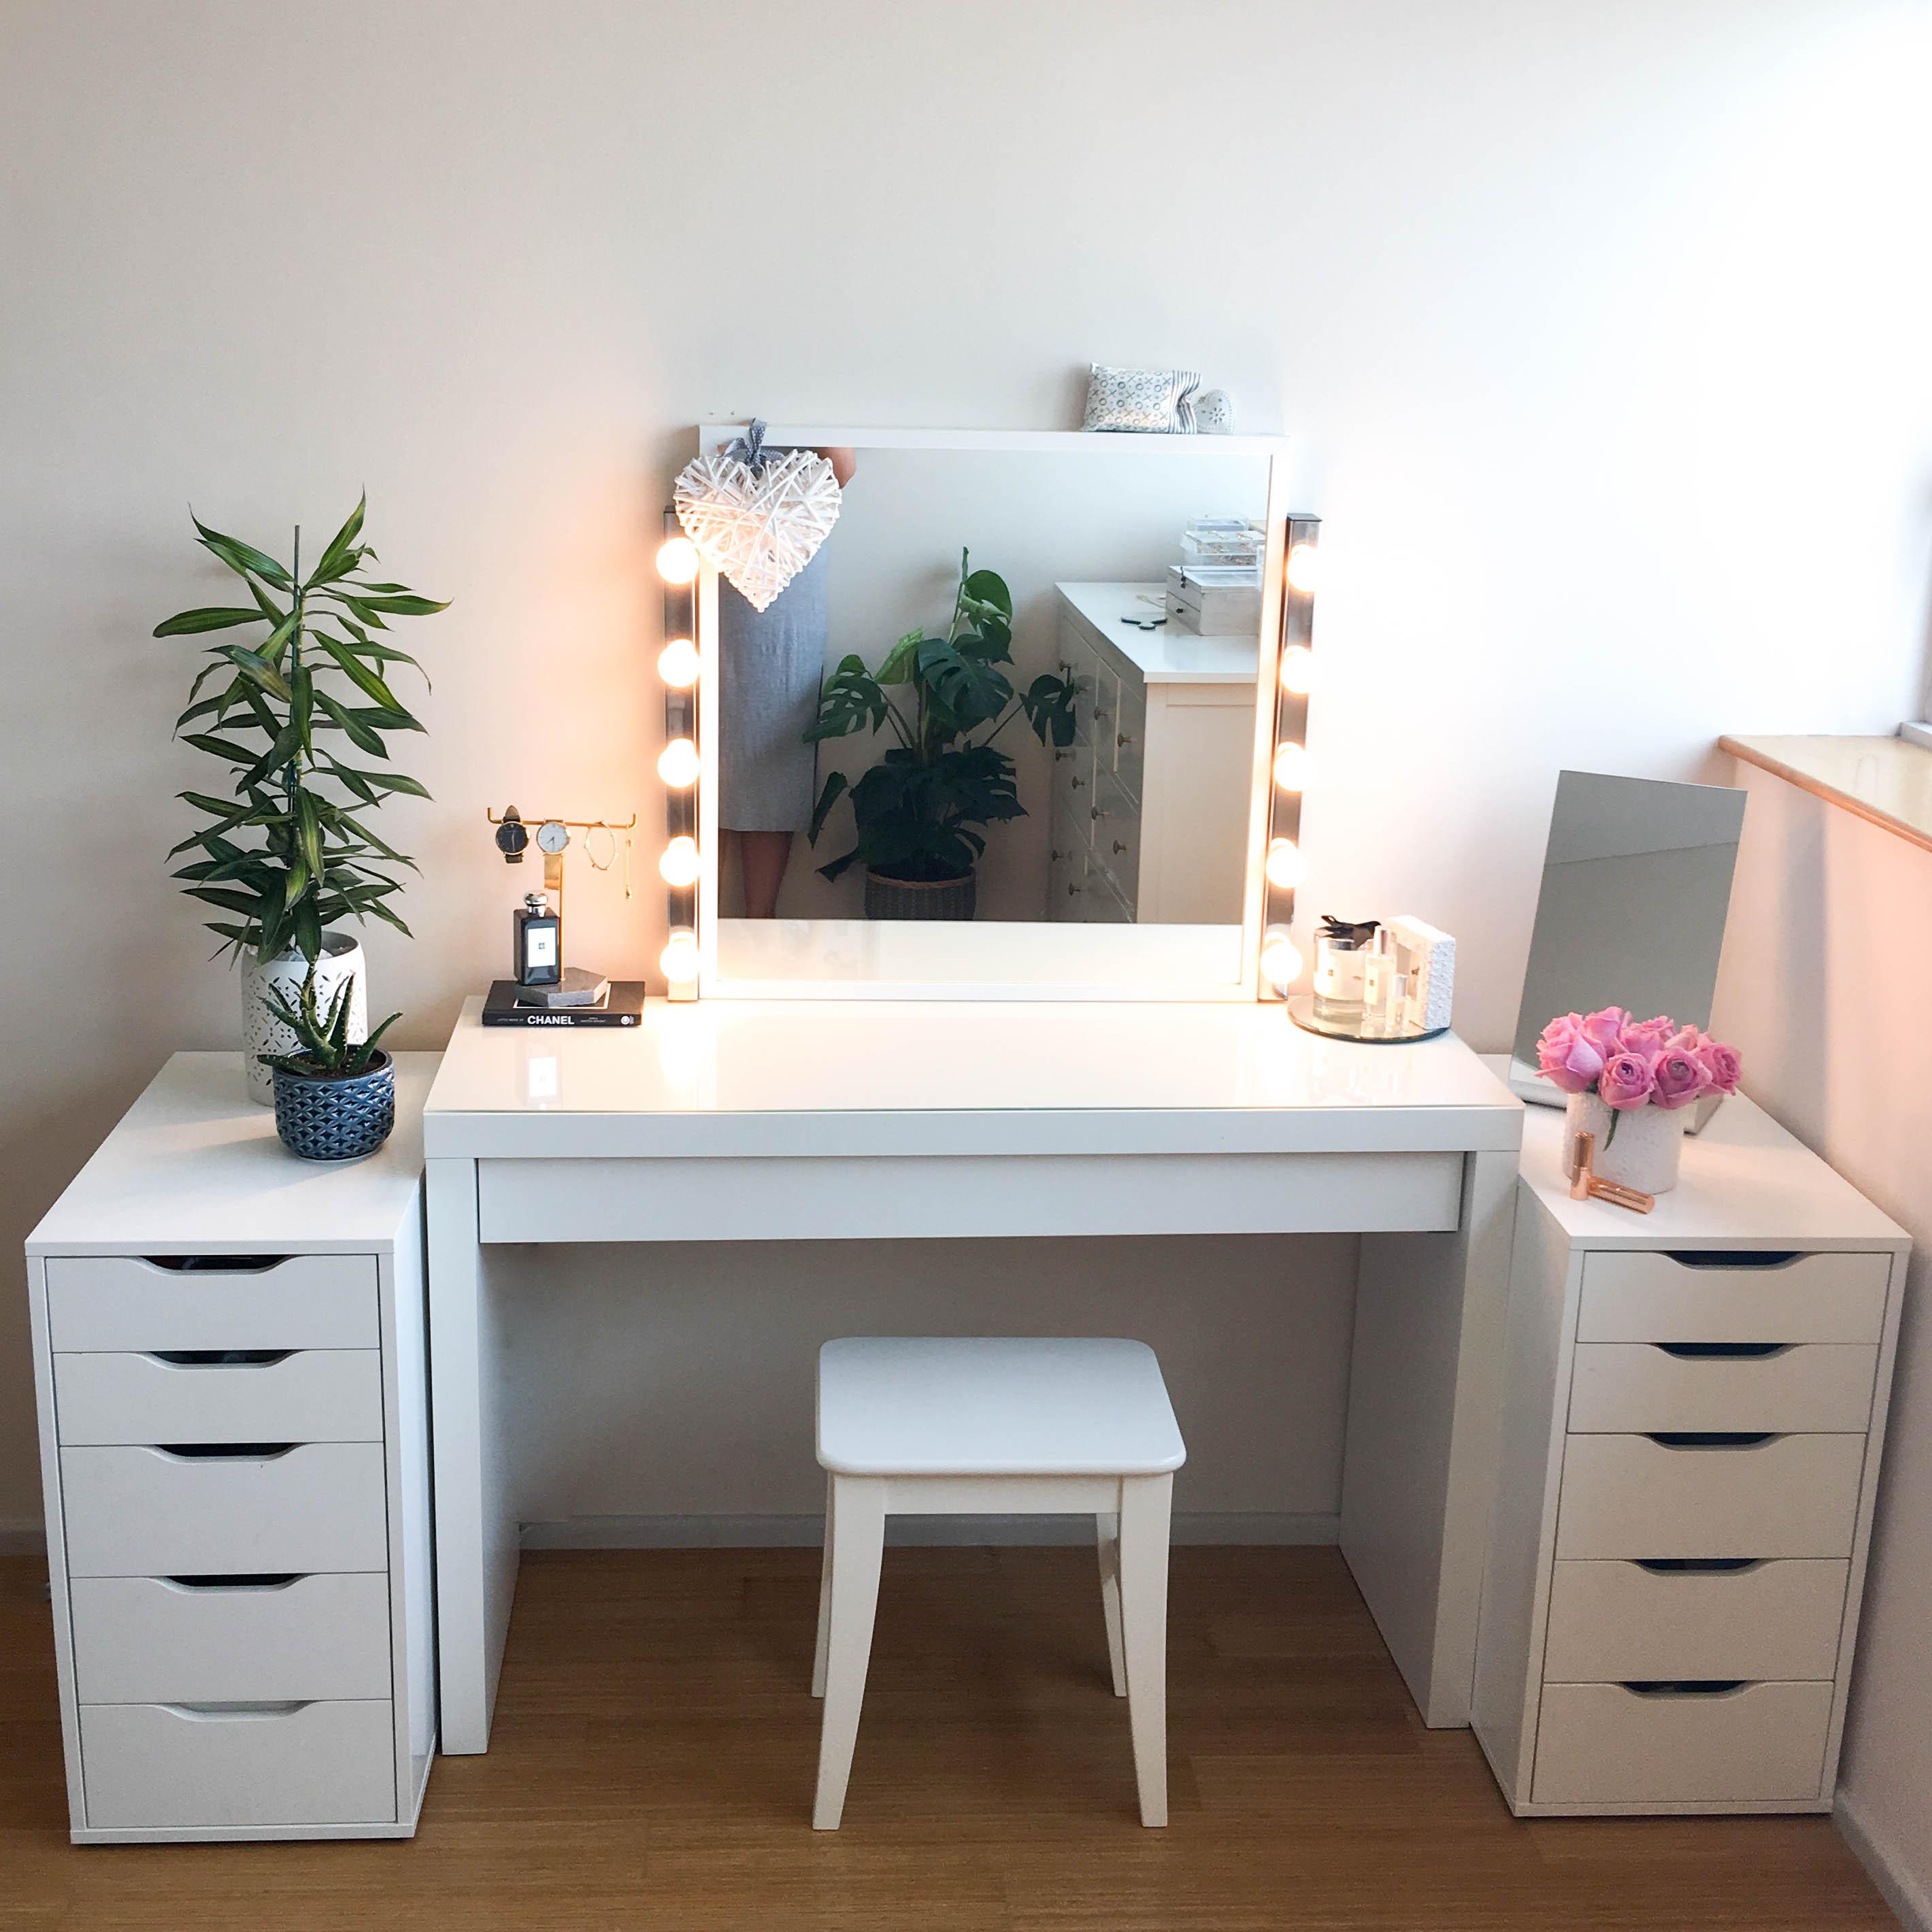 Vanity Mirror With Lights Diy Bedrooms Makeup Tables